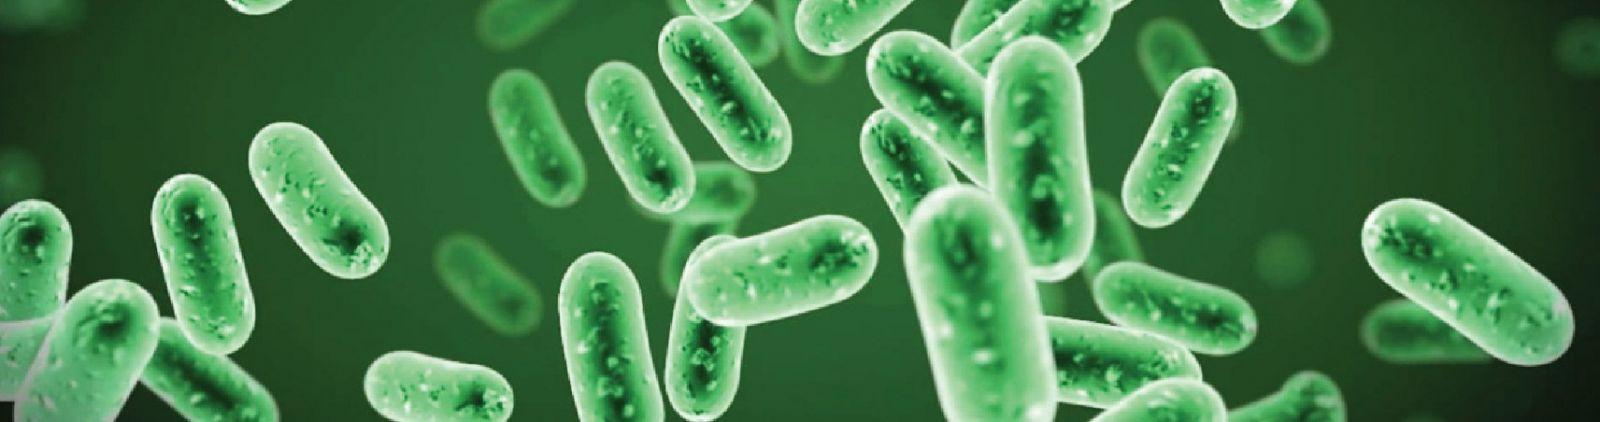 Vi sinh vật xử lý nước thải sinh hoạt